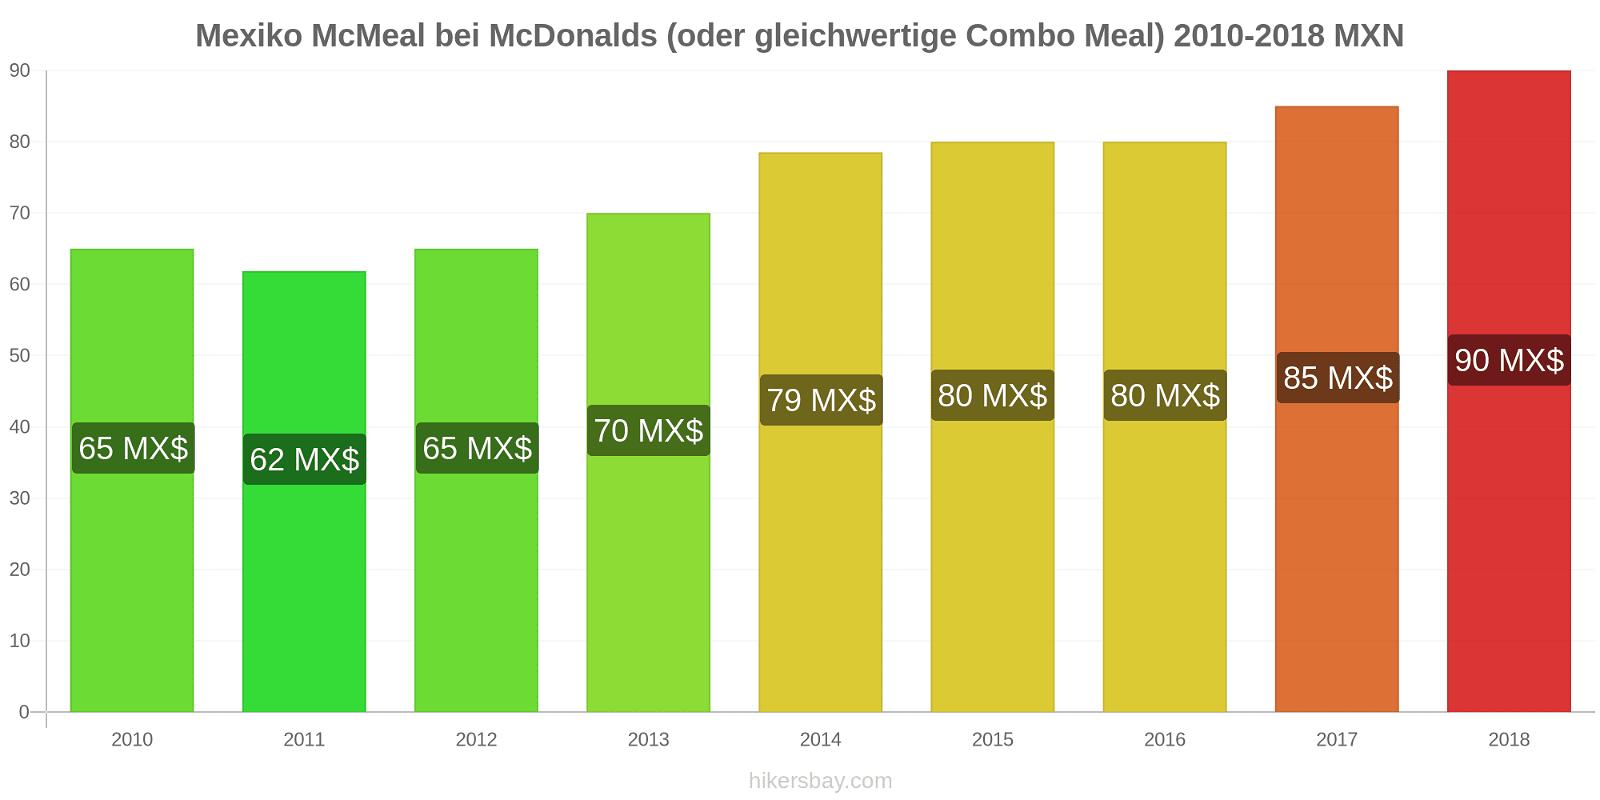 Mexiko Preisänderungen McMeal bei McDonalds (oder gleichwertige Combo Meal) hikersbay.com